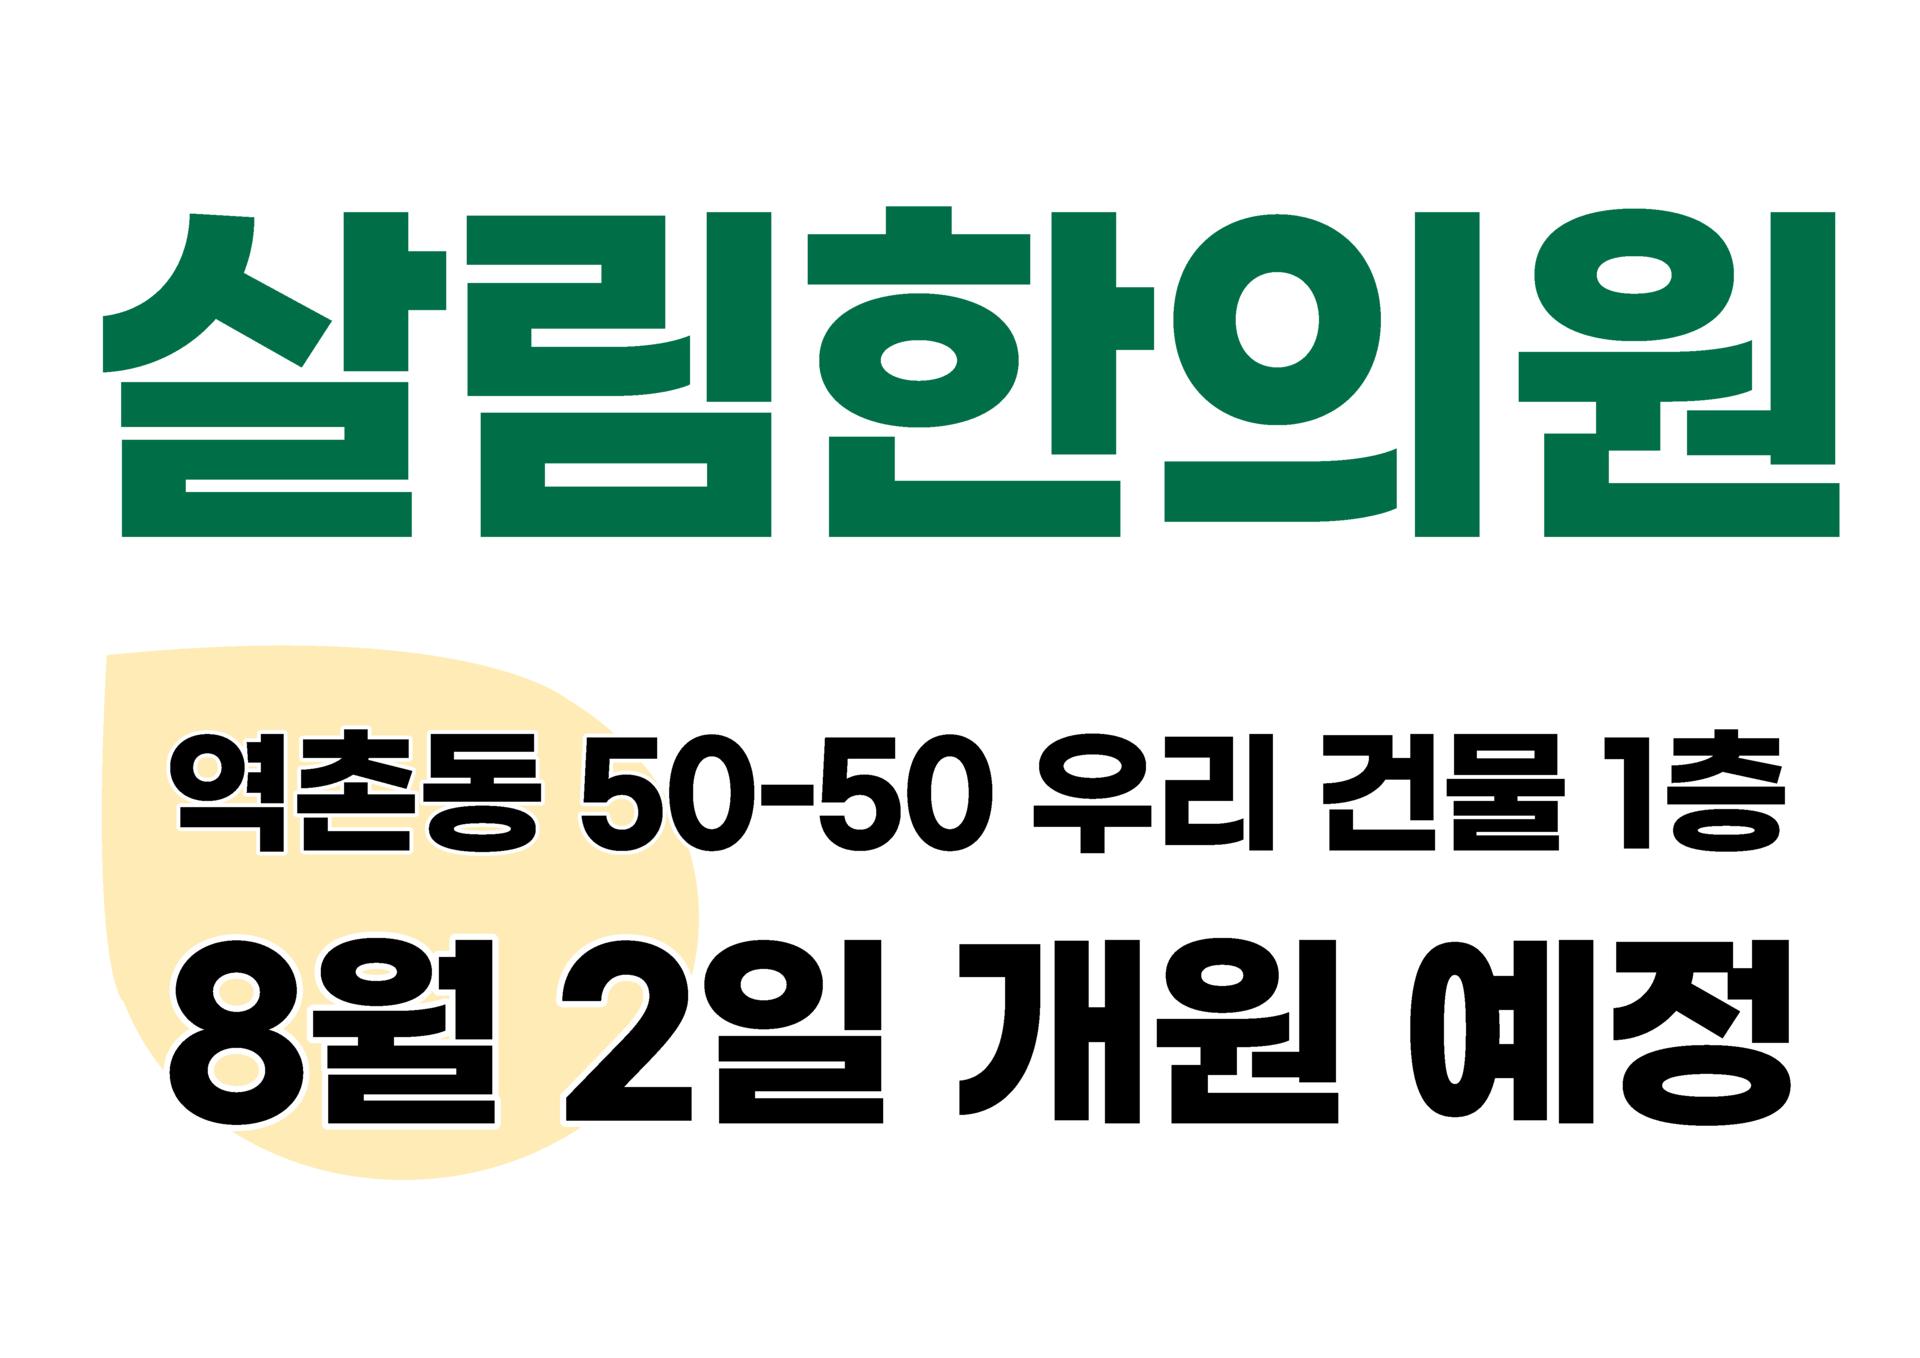 살림한의원 역촌동 50-50 우리 건물 1층 8월 2일 개원 예정